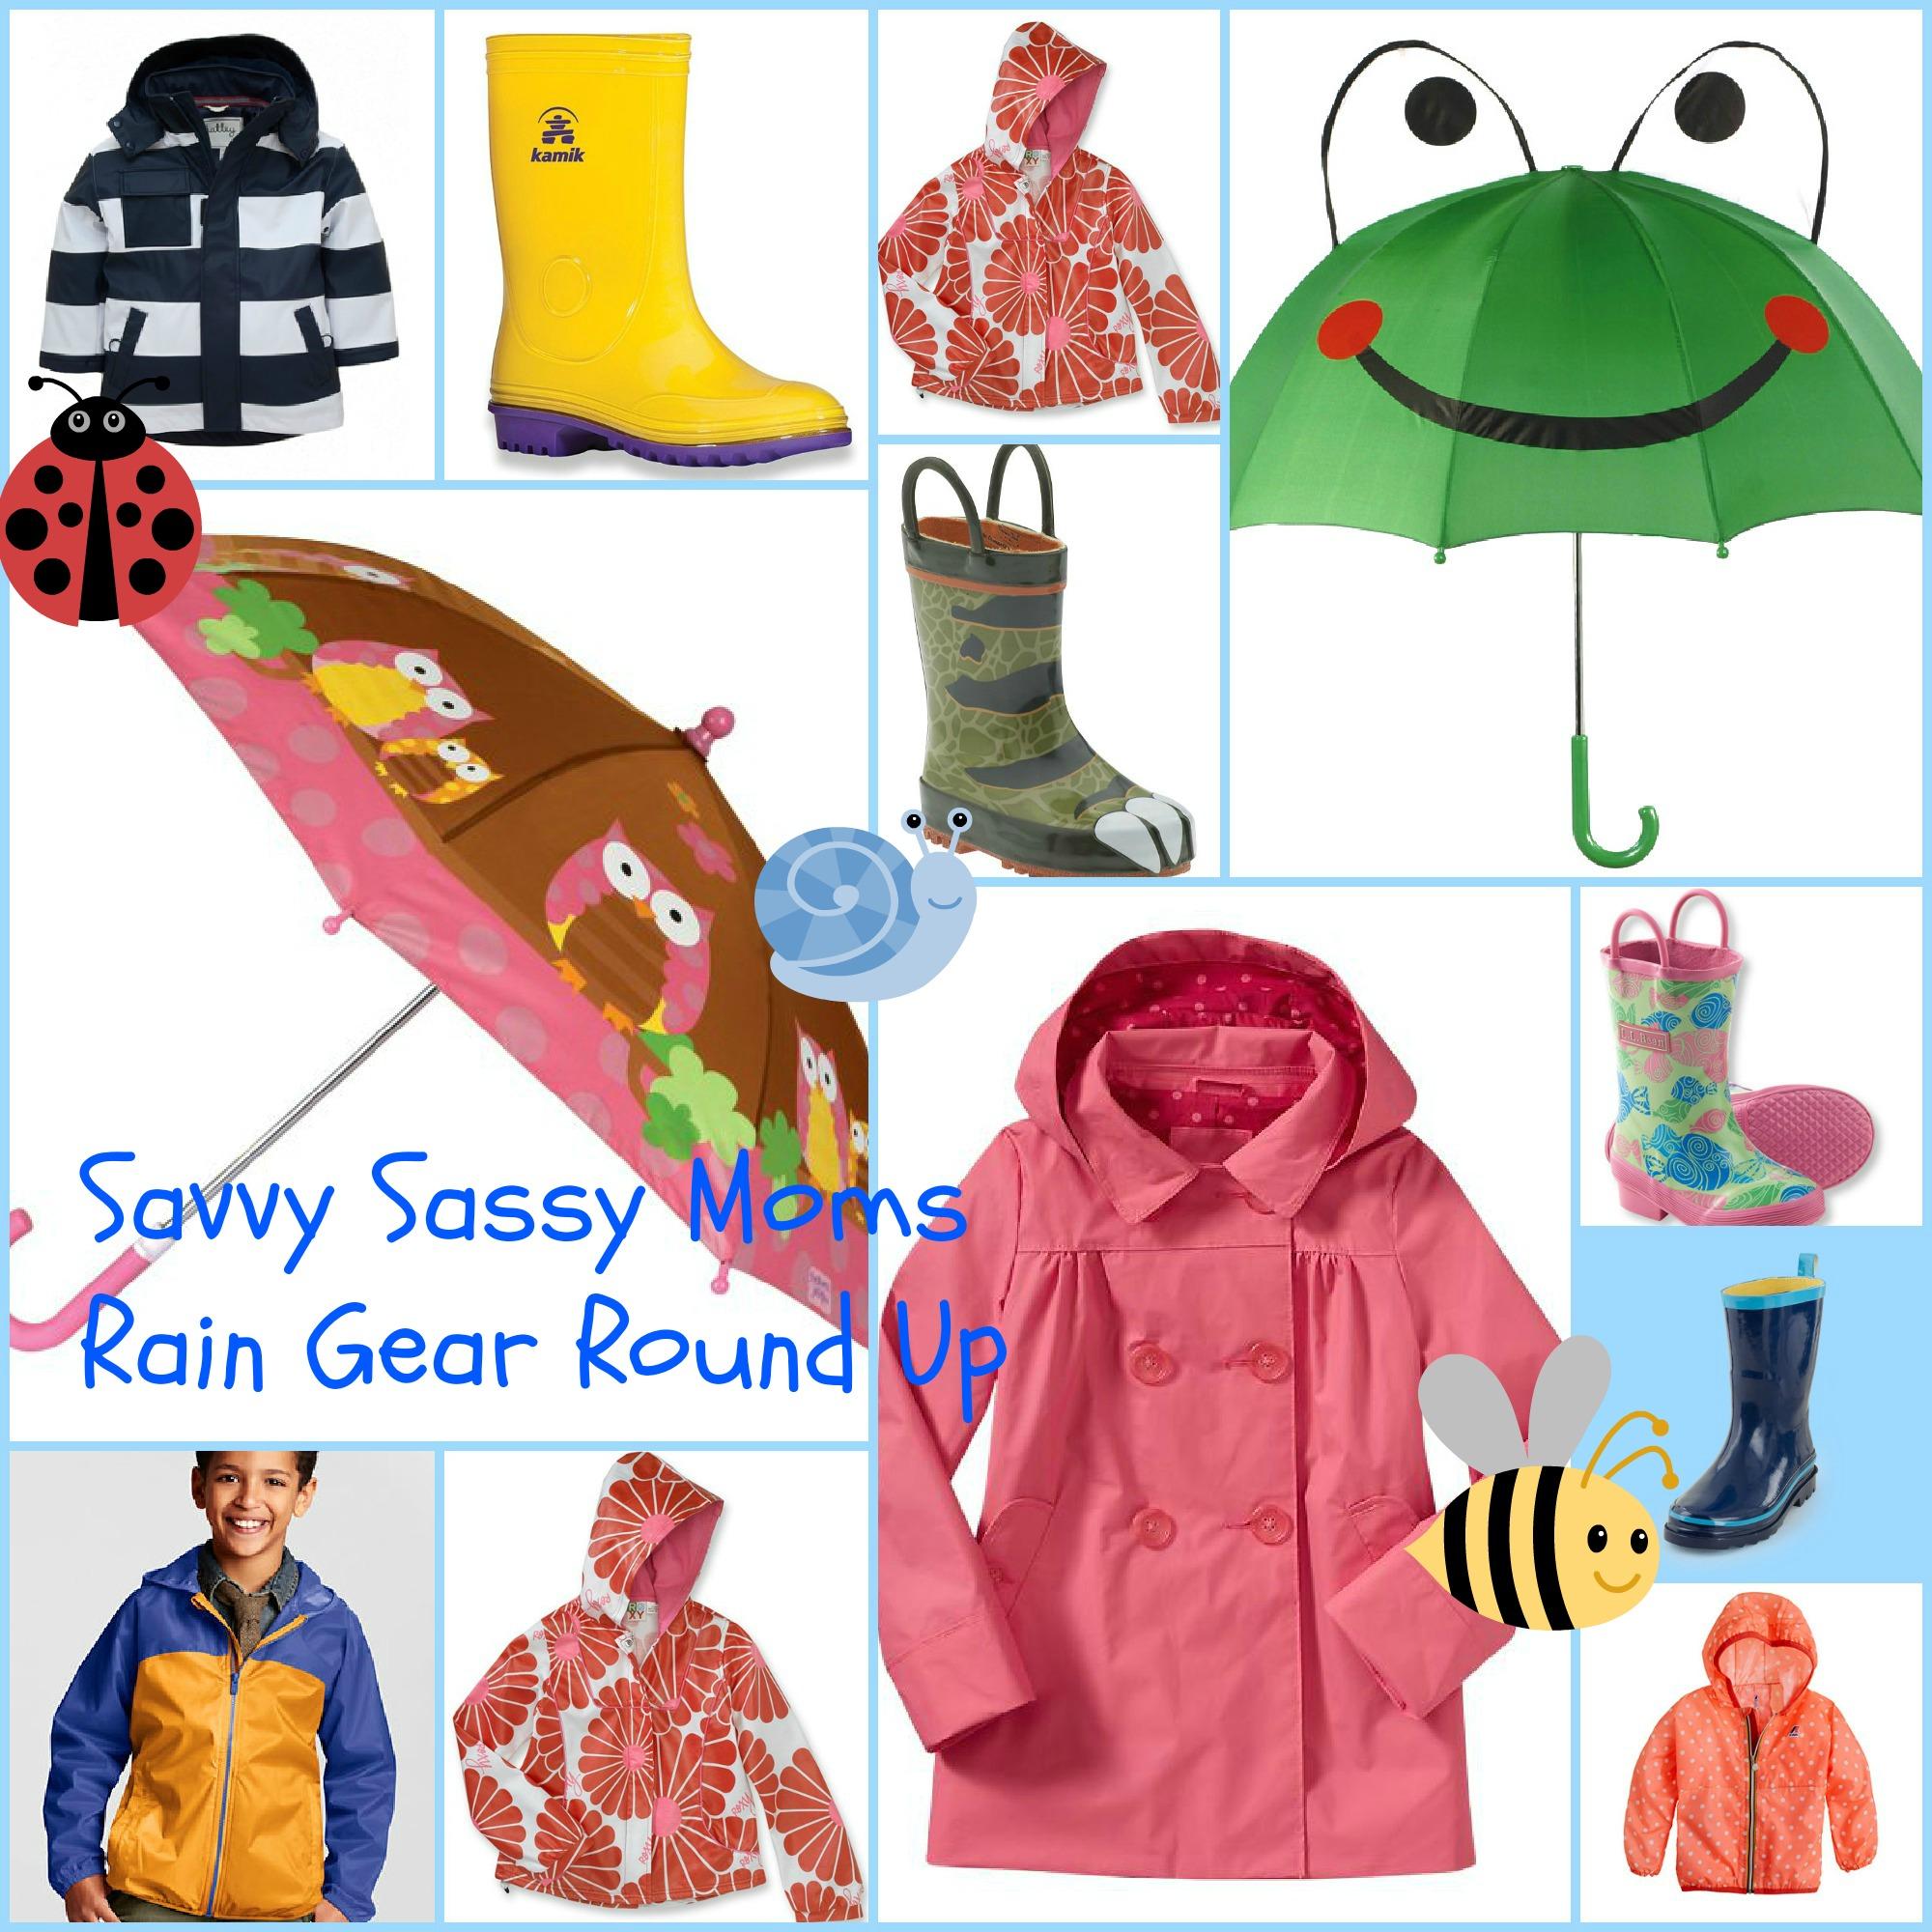 Coat clipart rain gear Gear Gear Savvy rain Sassy